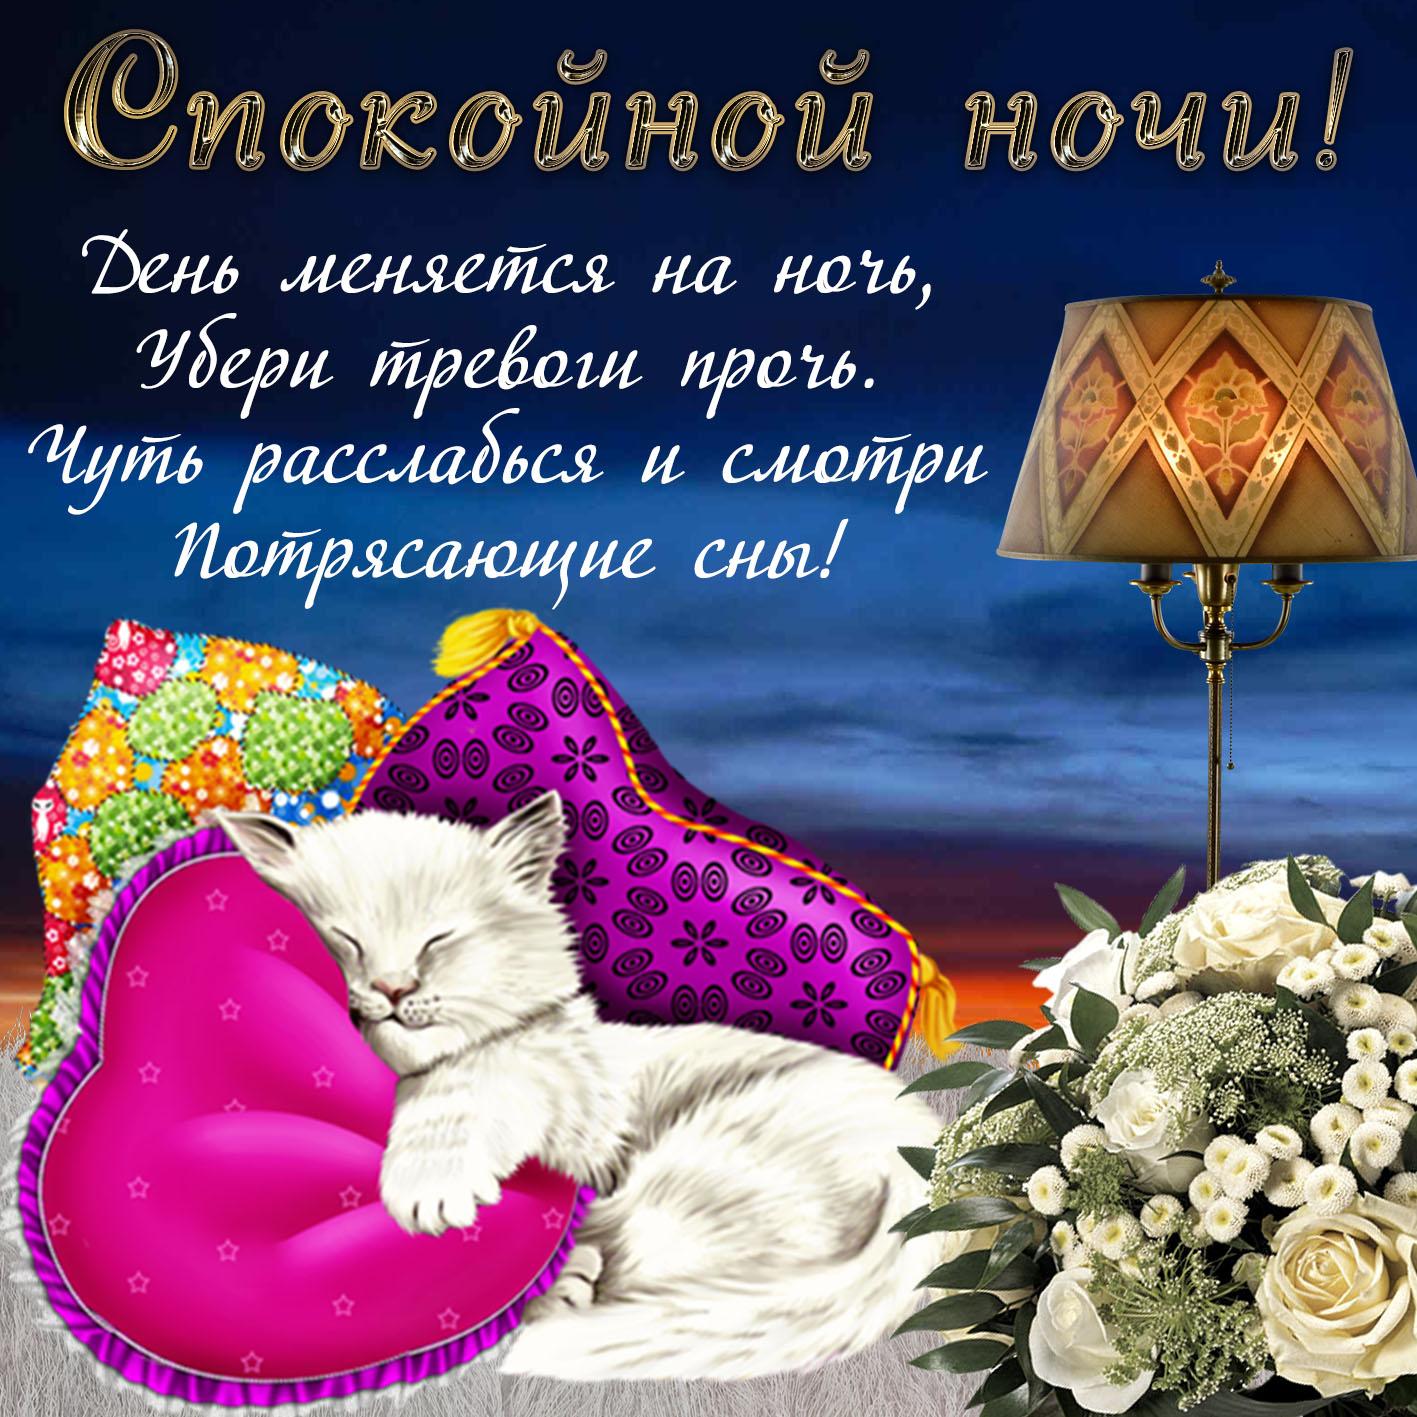 Пей пожалуйста, смотреть открытки спокойной ночи